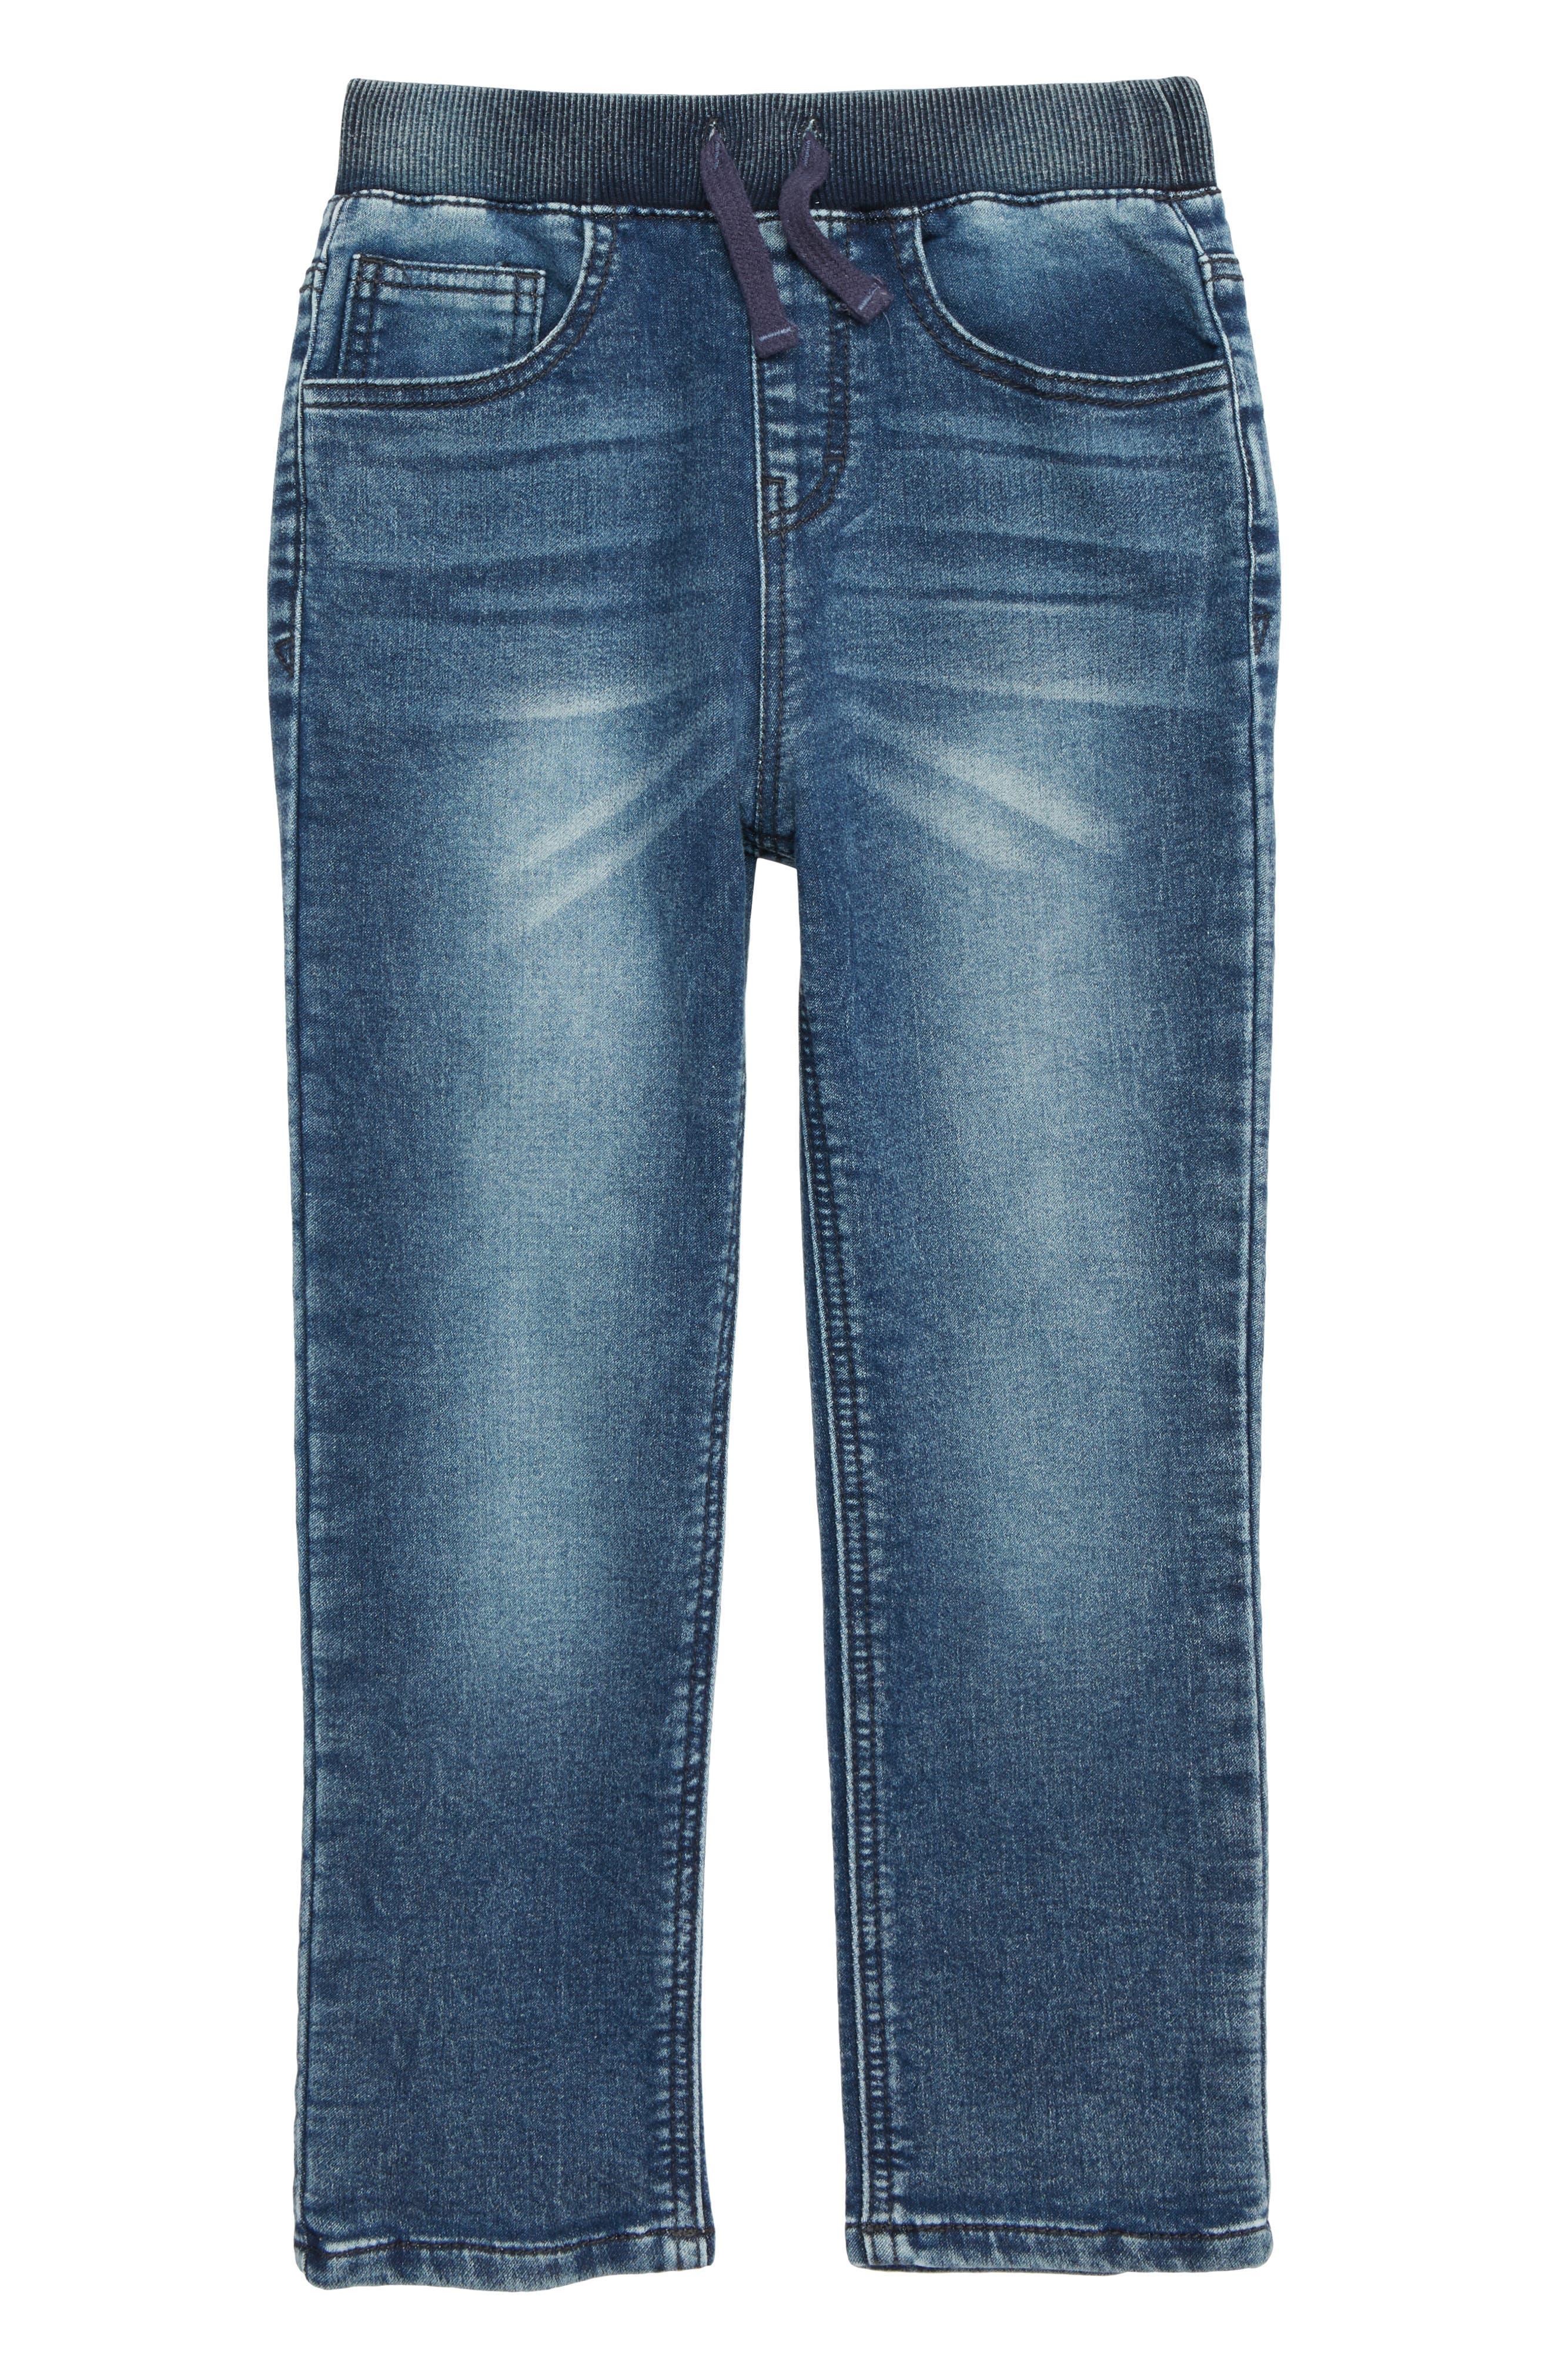 FLAPDOODLES,                             Knit Jeans,                             Main thumbnail 1, color,                             488